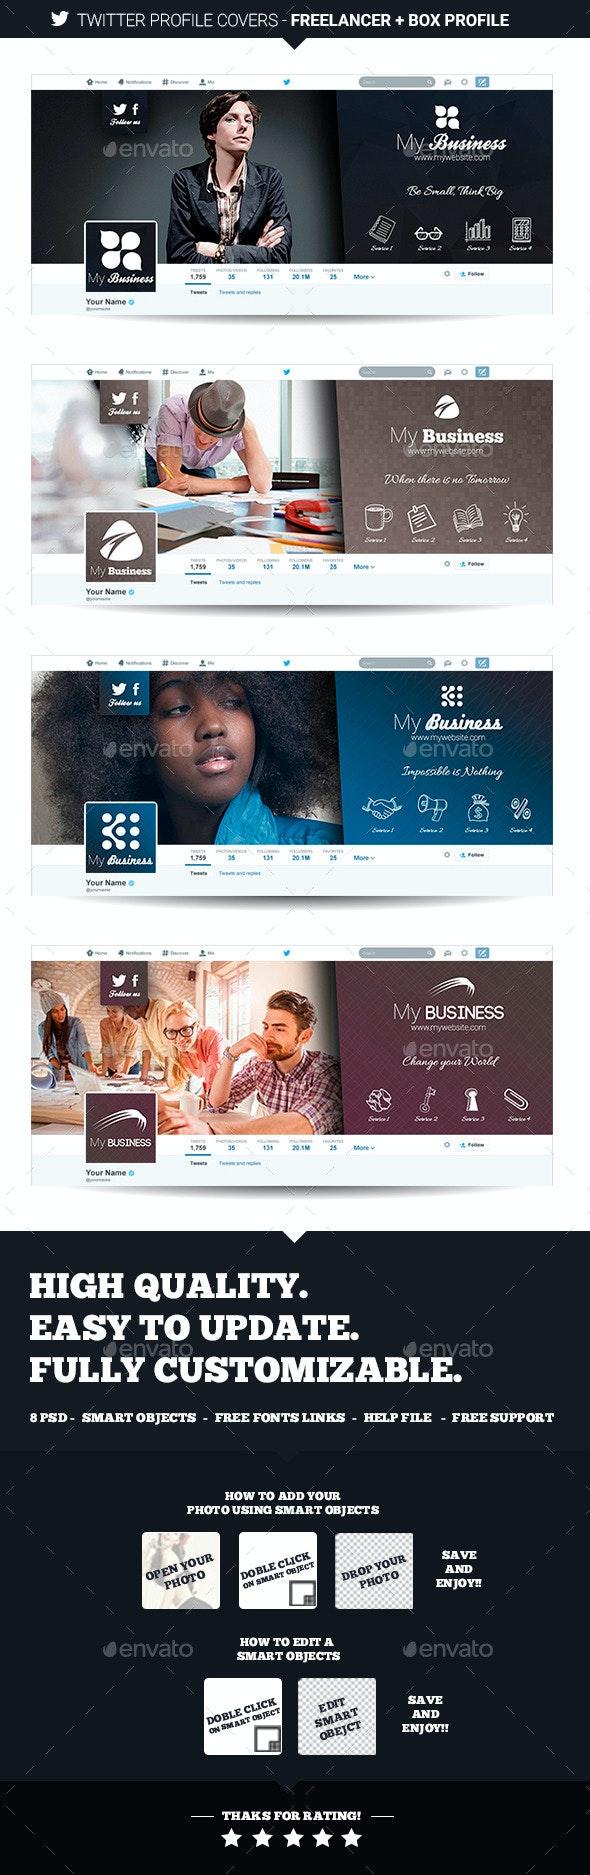 Twitter Profile Covers - Freelancer - Twitter Social Media